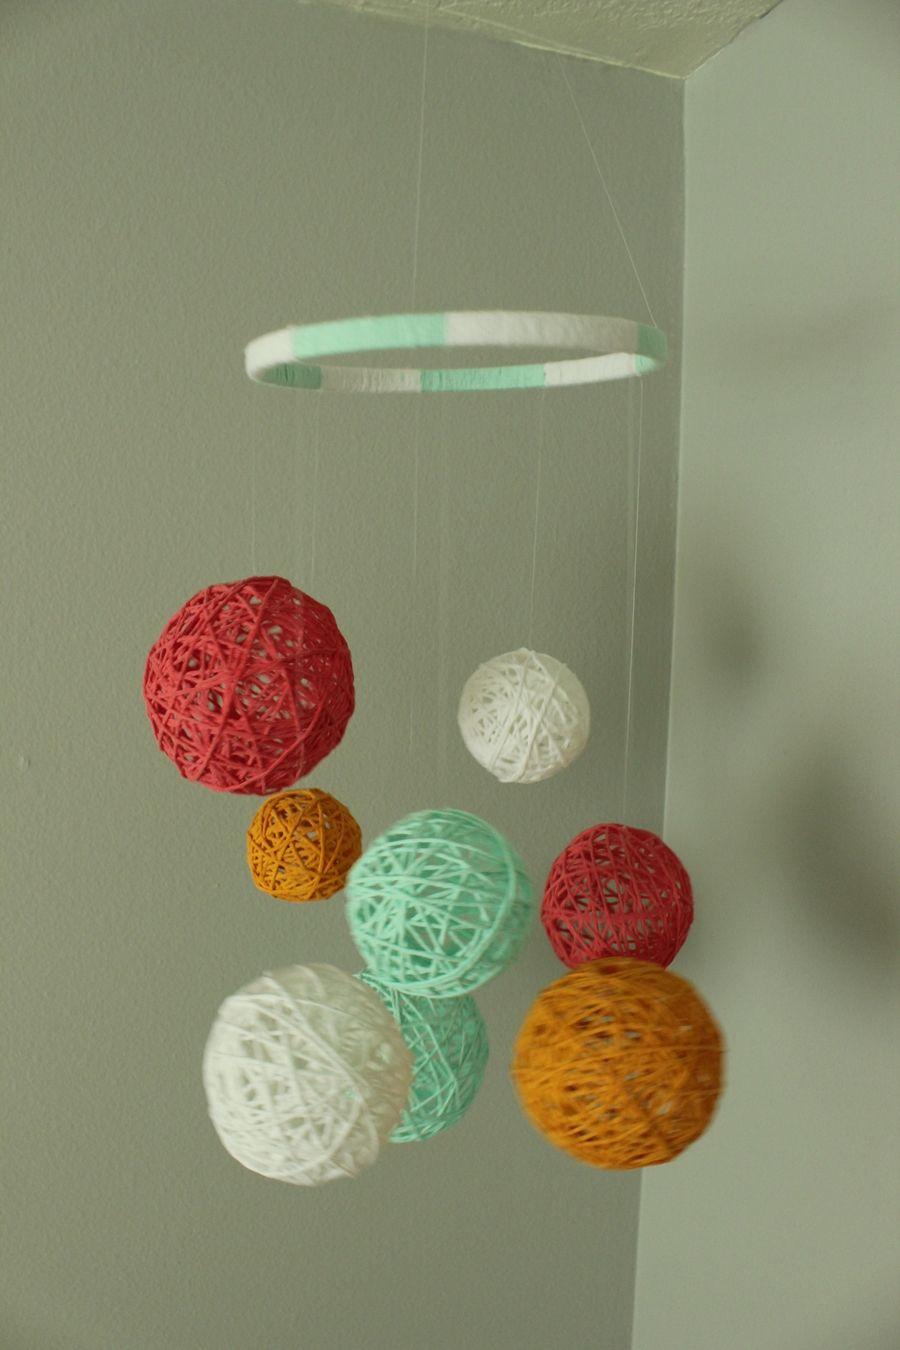 Embroidery Hoop Yarn balls